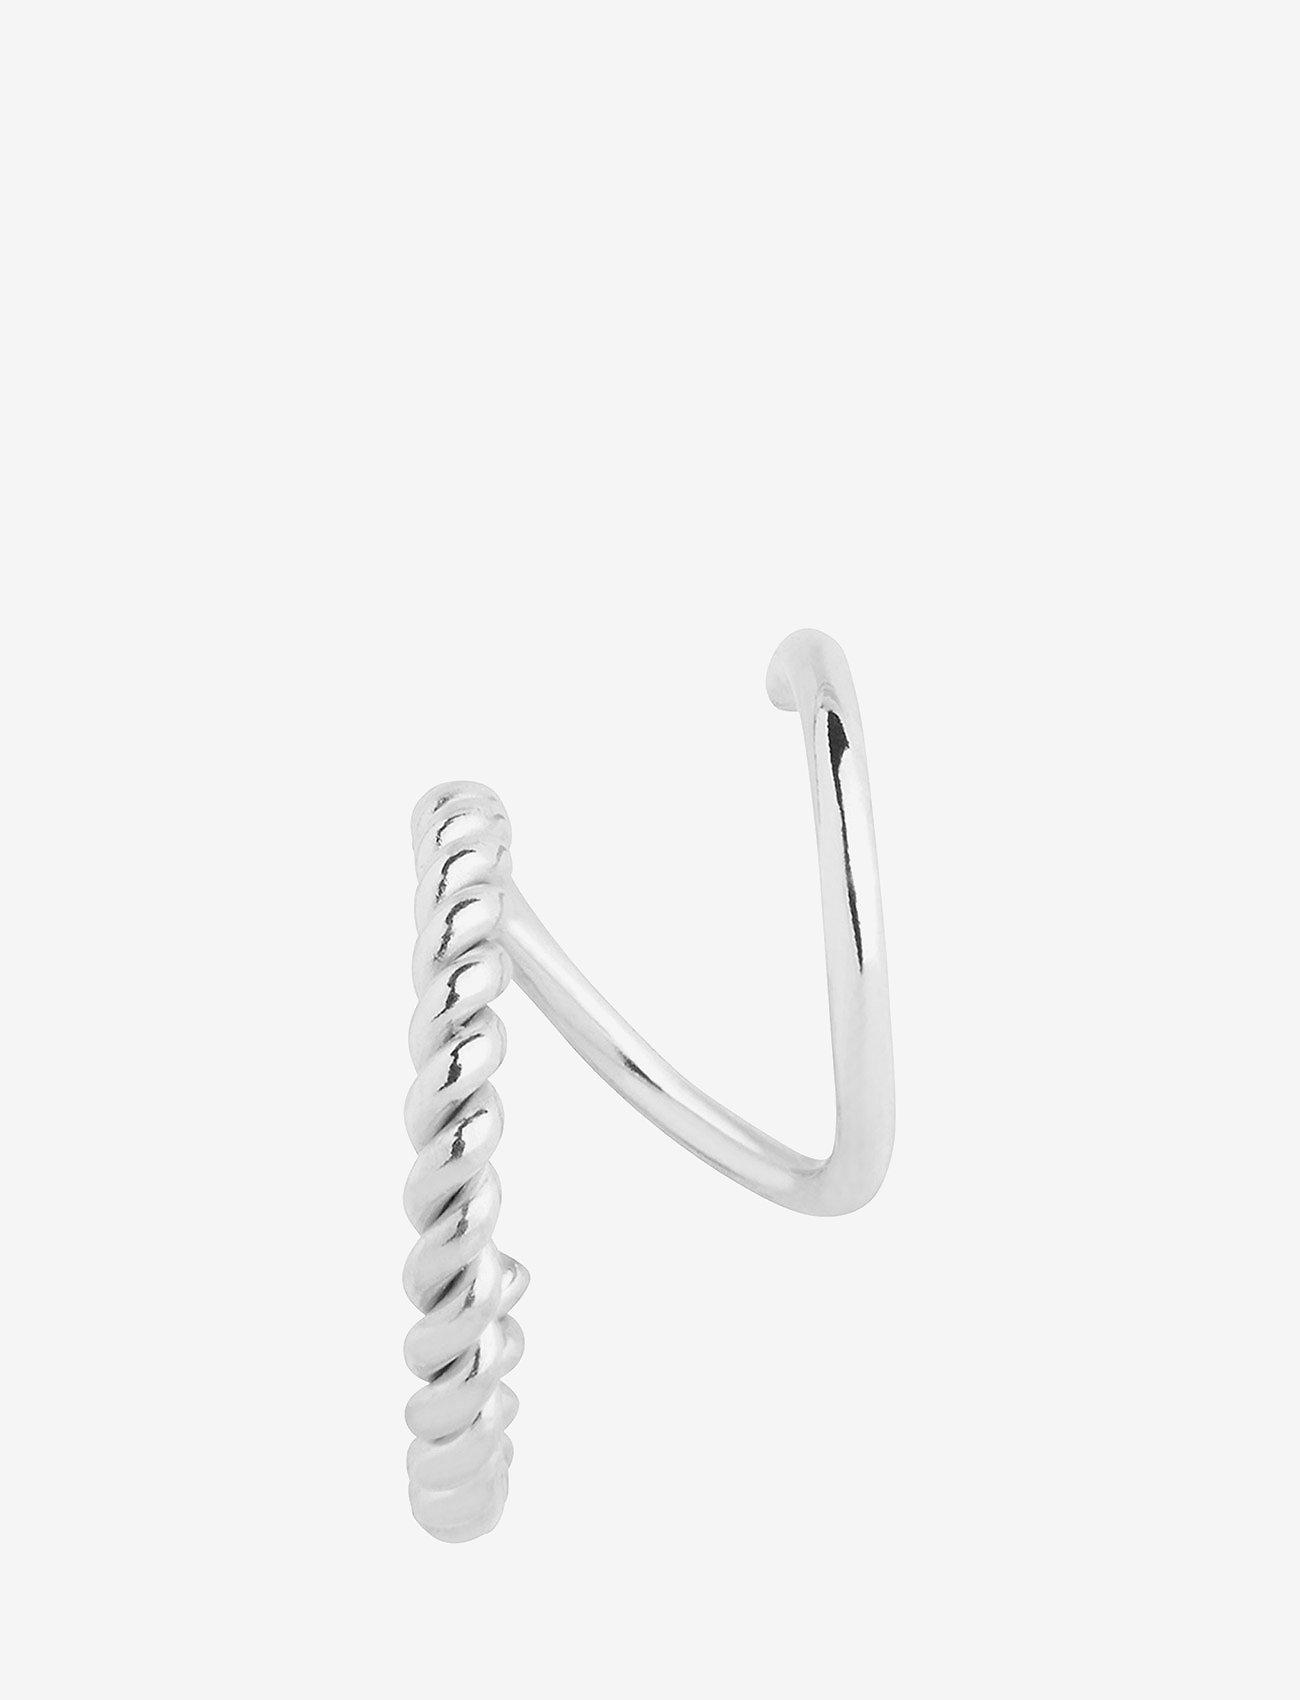 Sofia Twirl Earring (Silver Hp) (35 €) - Maria Black hPqby